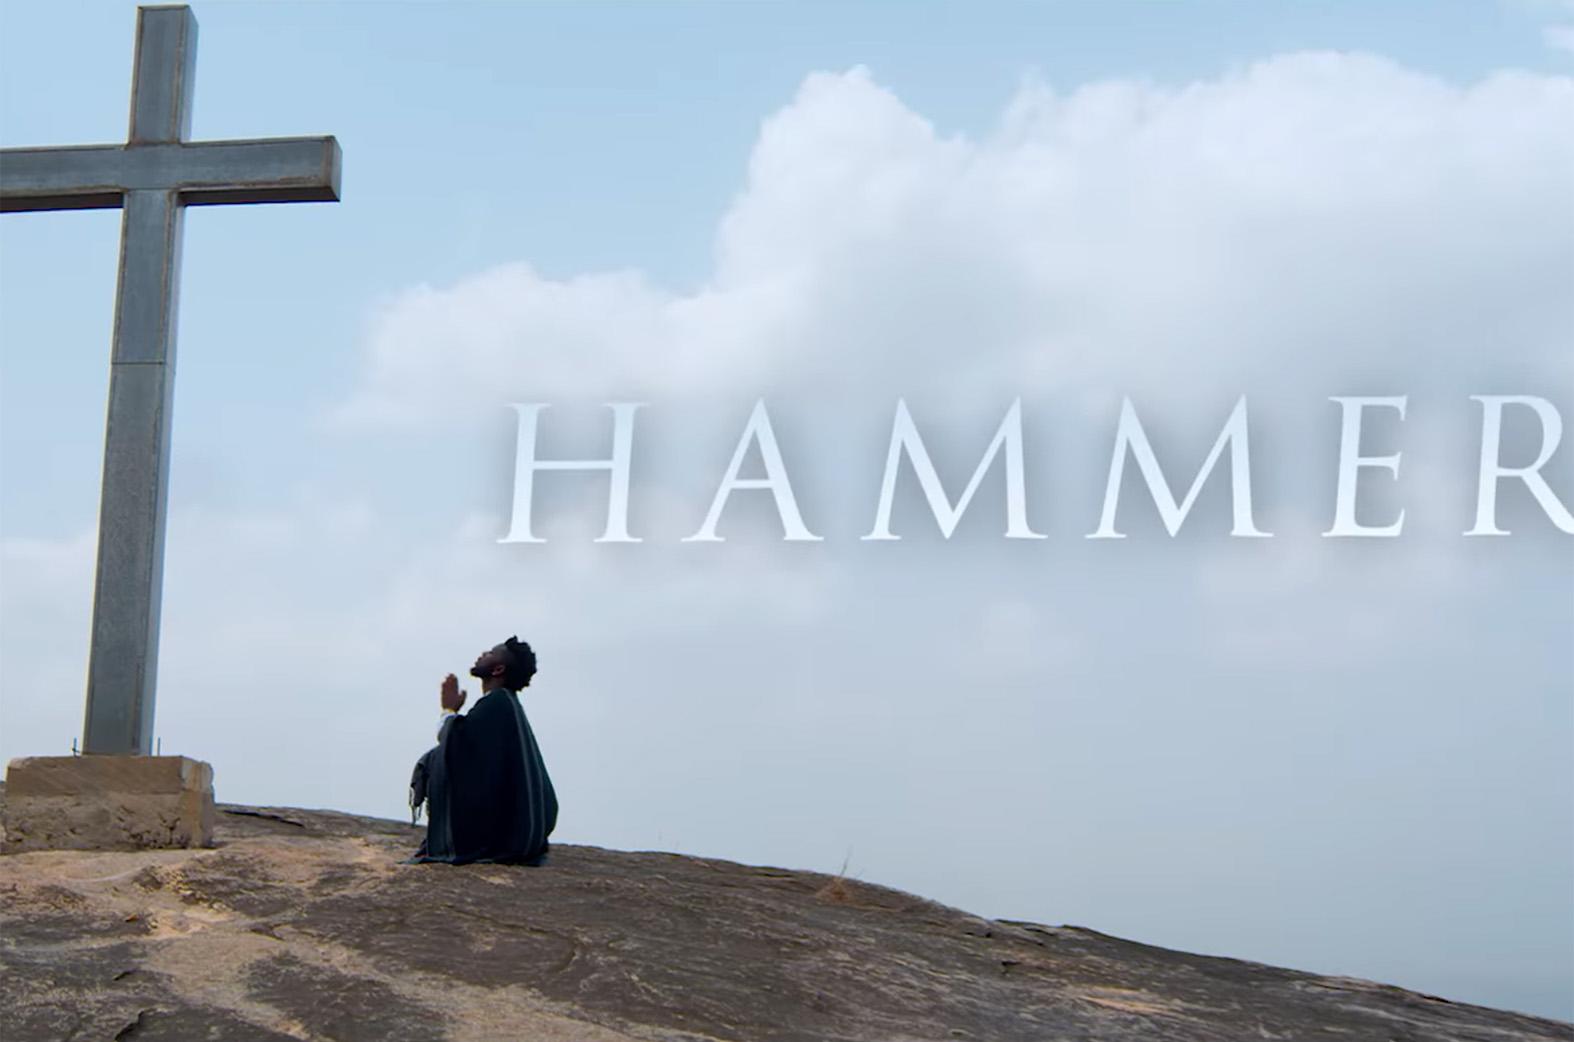 Hammer by Bisa K'dei